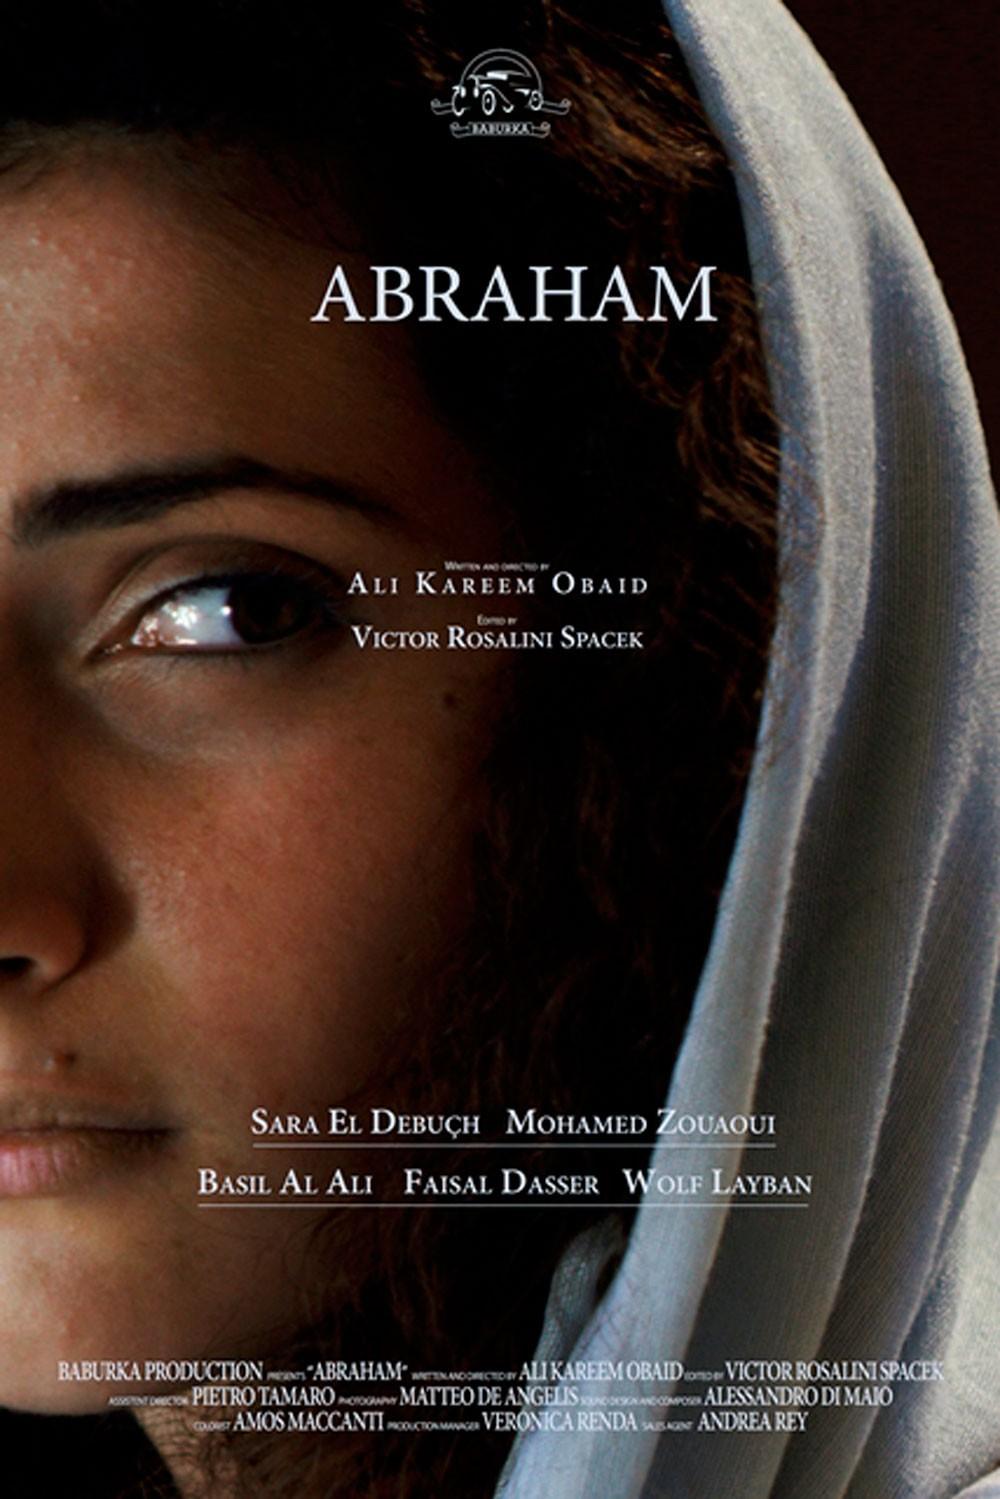 أبراهام يفوز بـجائزة لجنة التحكيم الخاصة في مهرجان الشعوب والأديان